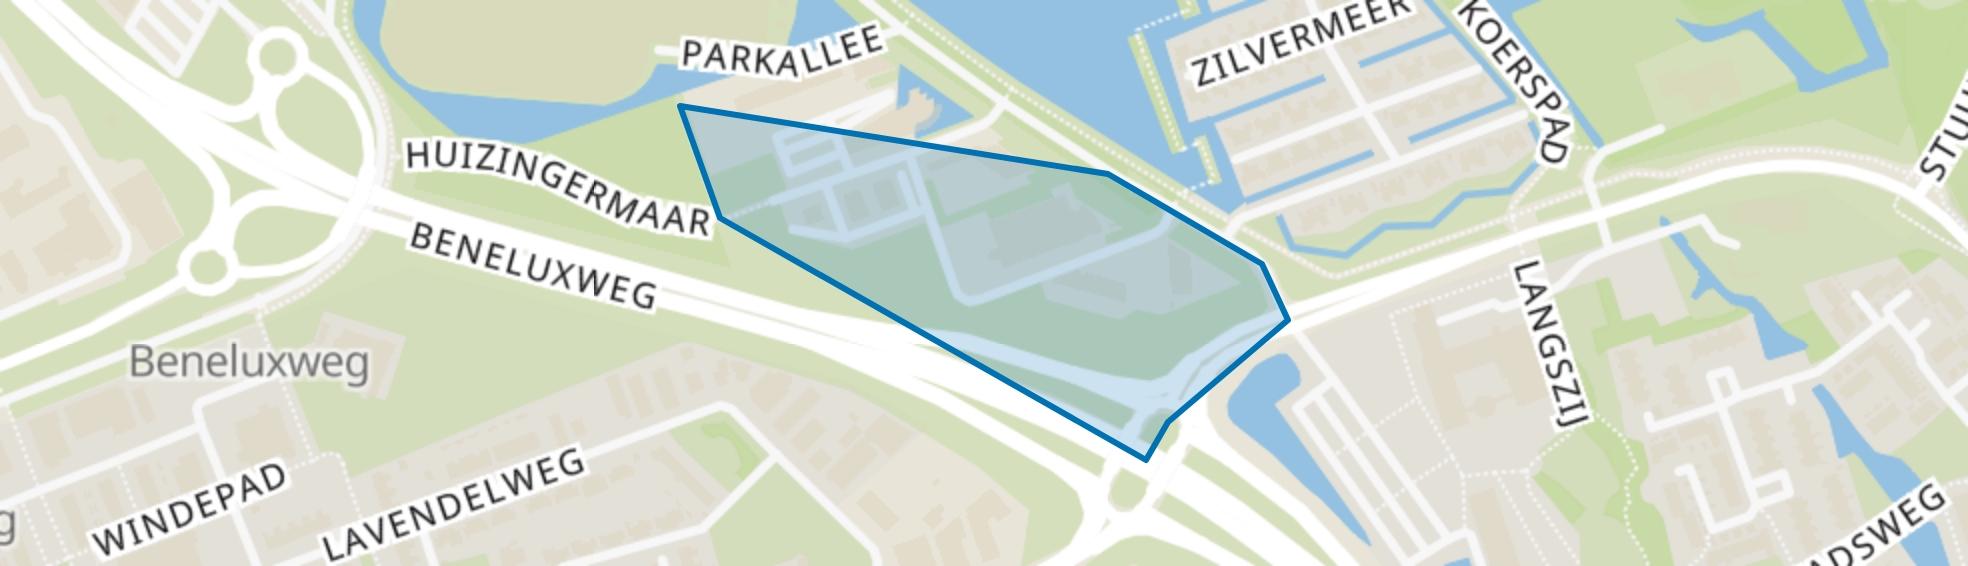 Hunzepark, Groningen map